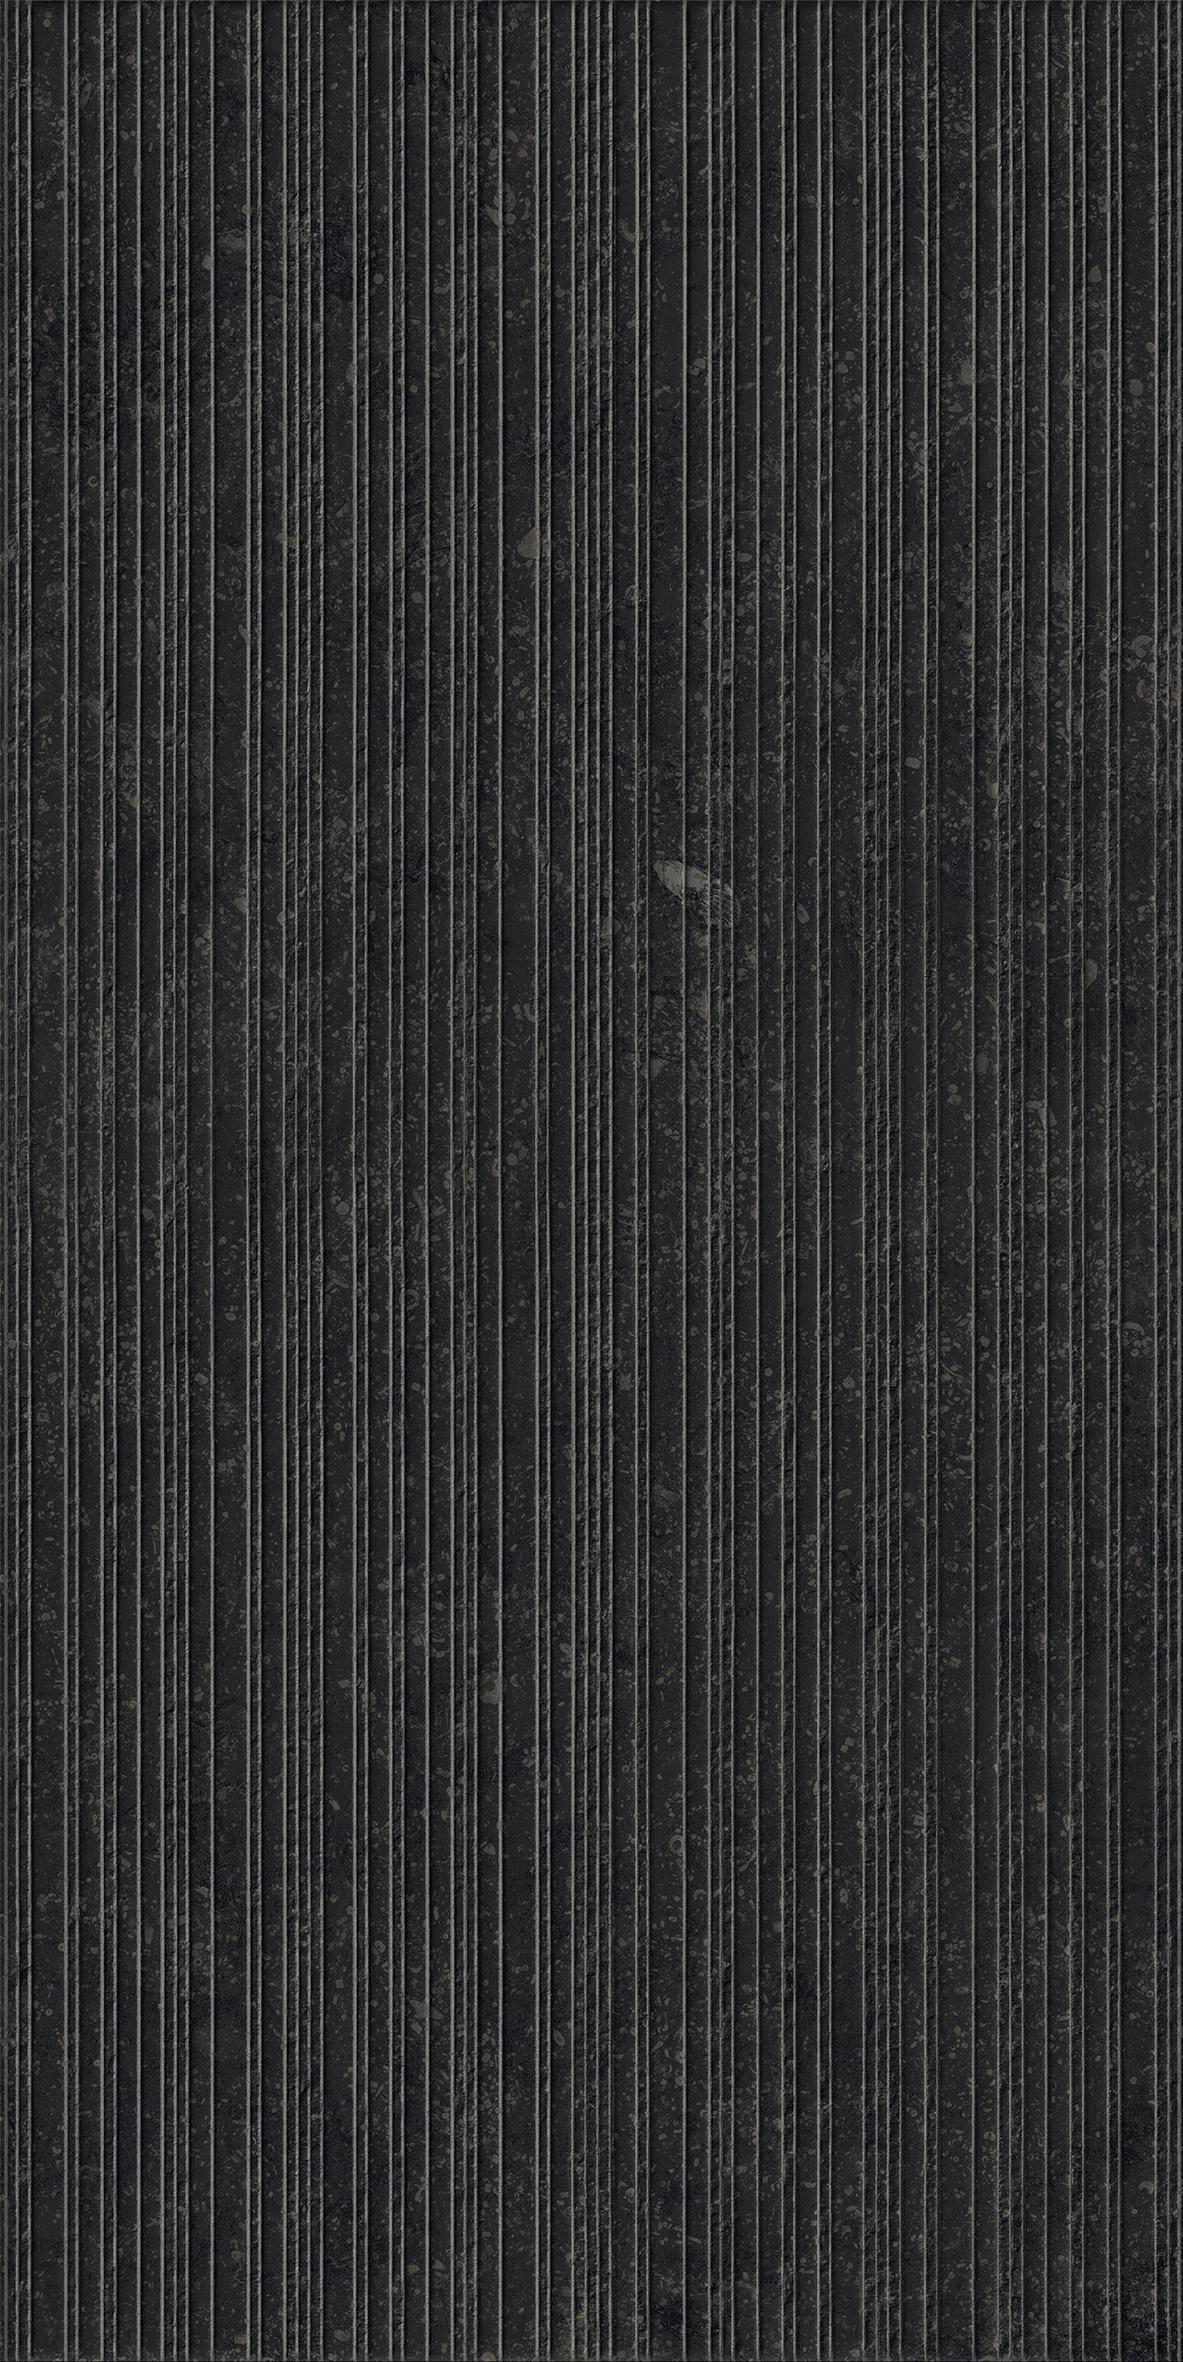 Плитка из керамогранита структурированная Italon Рум 30x60 черный (610010001467)